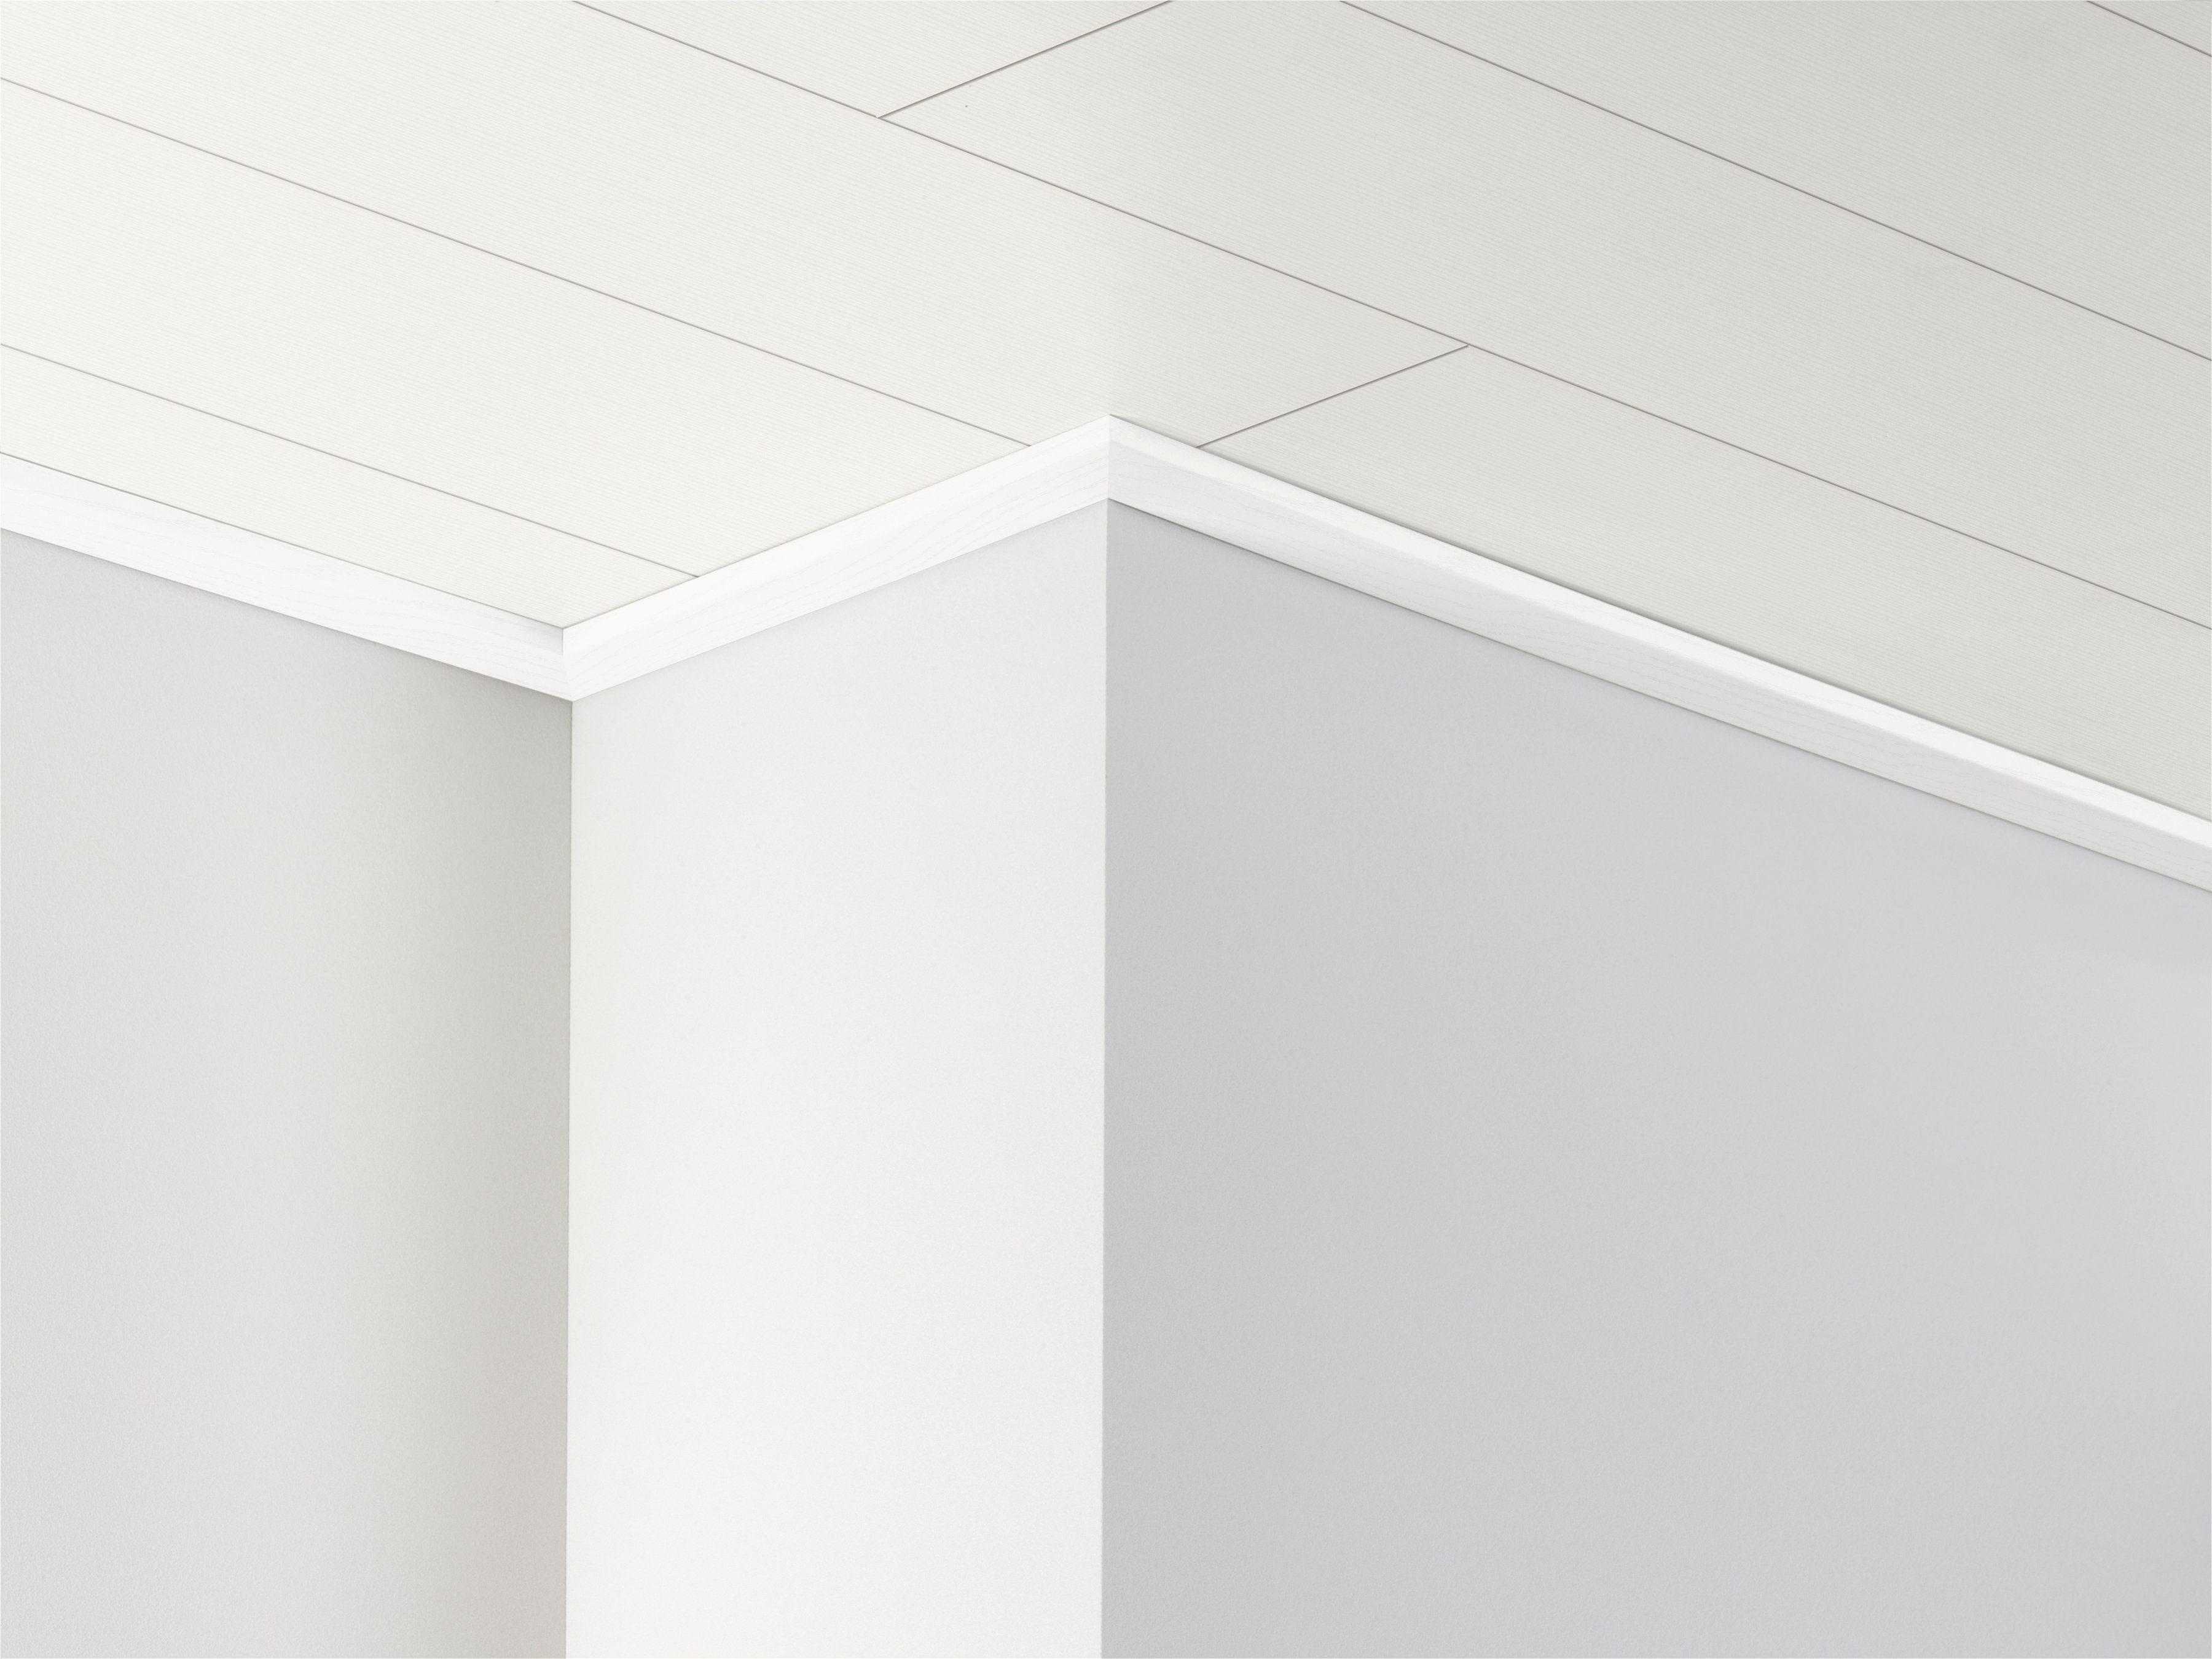 PARADOR Deckenleiste »DAL 3 - Esche weiß Dekor«, 2570 x 34 x 12 mm